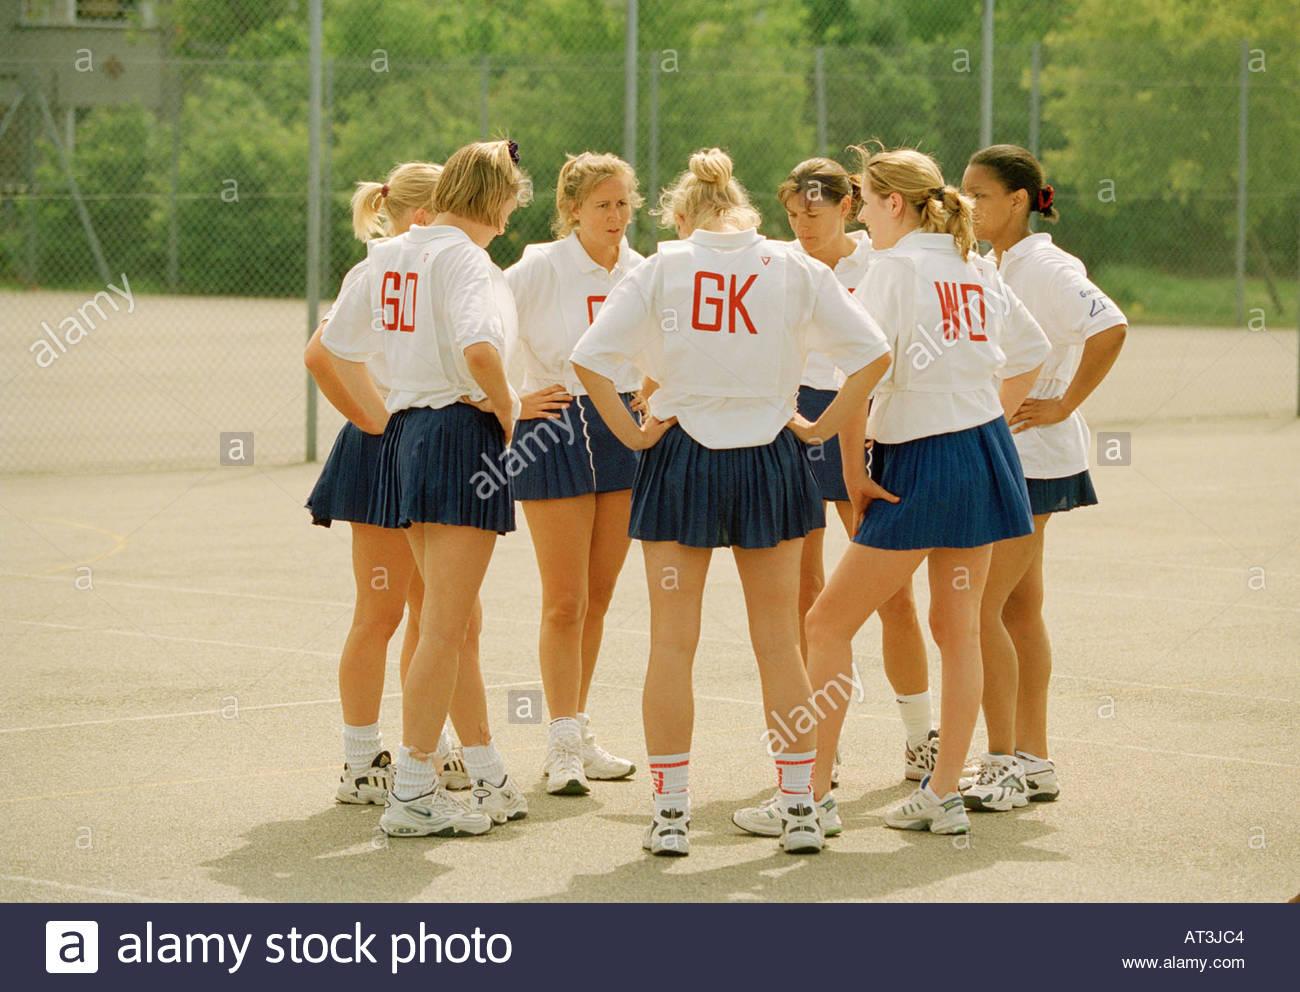 Equipo de baloncesto de mujeres agrupadas en un círculo Imagen De Stock